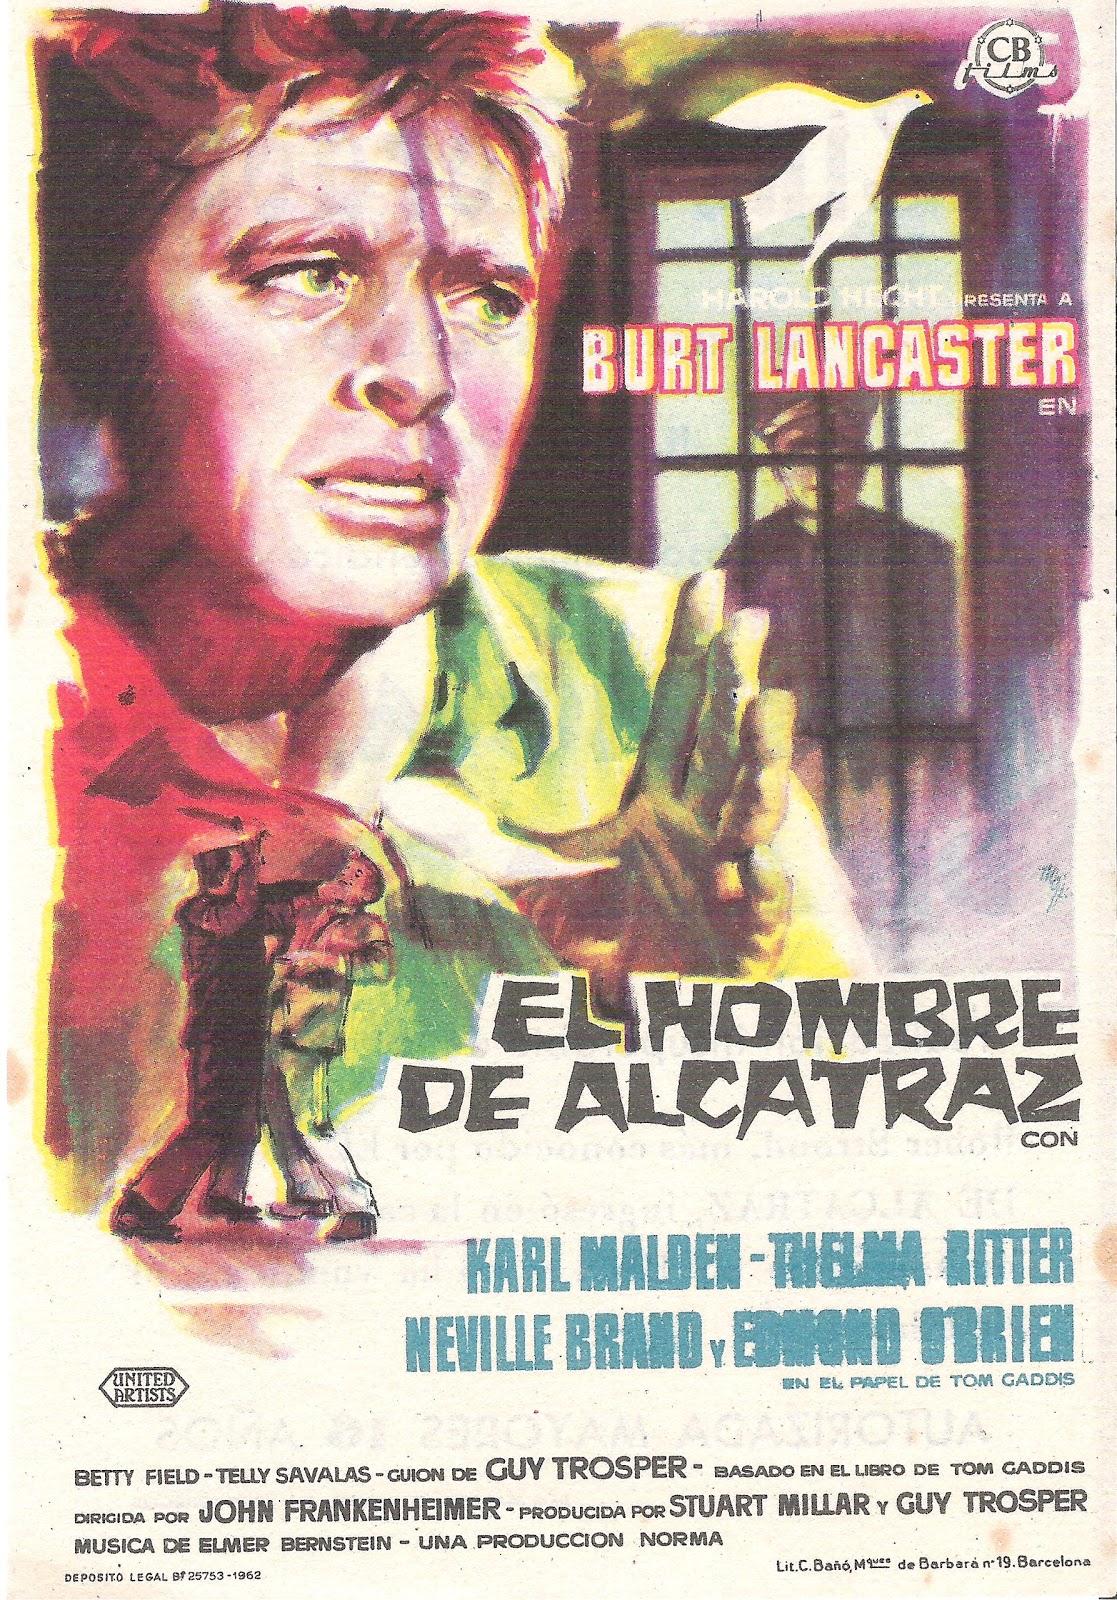 El hombre de Alcatraz - Online Tu Cine Clásico